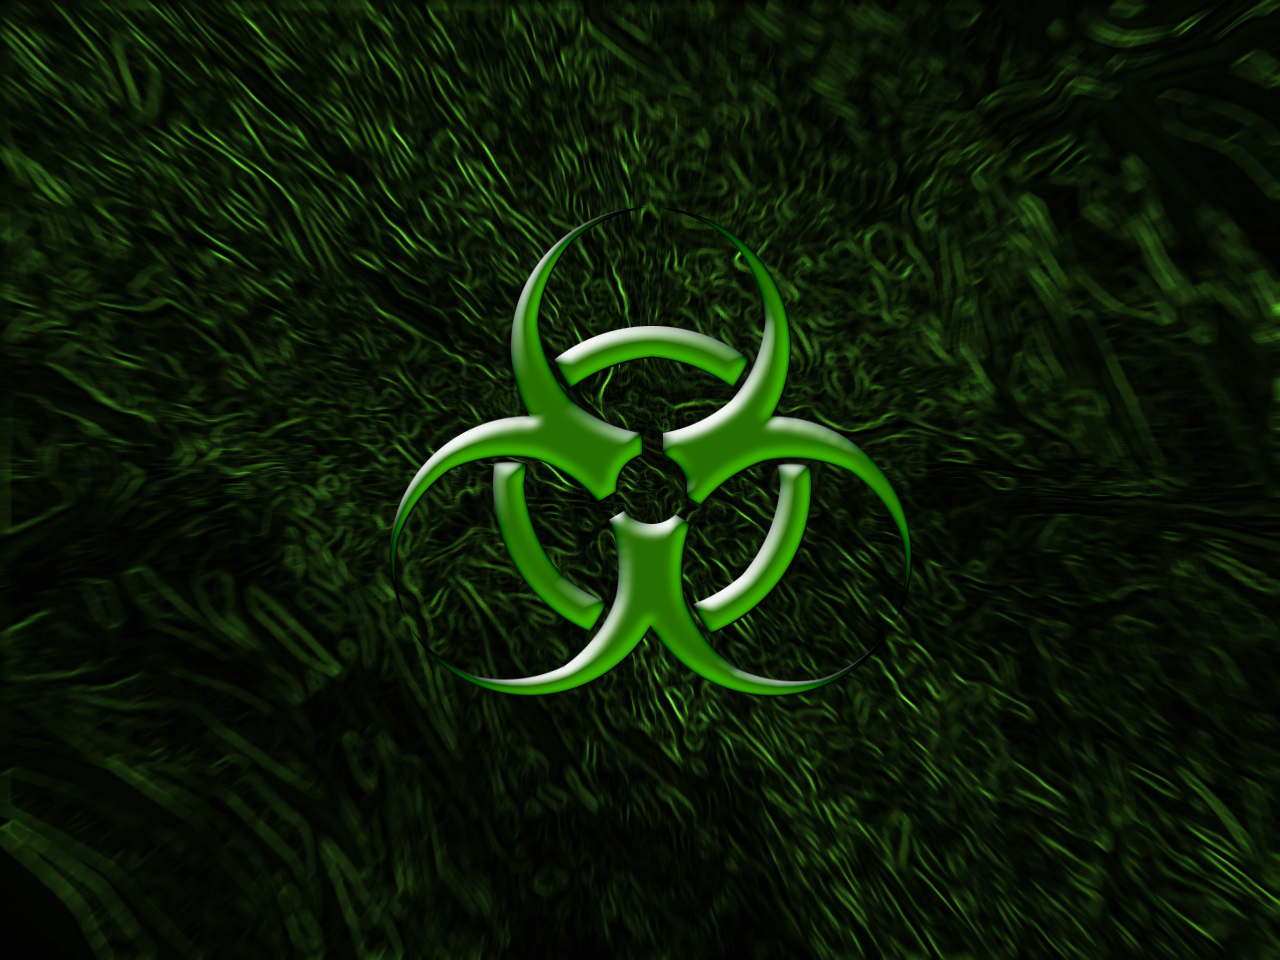 Biohazard green by grimreaper1990 on deviantart biohazard green by grimreaper1990 biohazard green by grimreaper1990 altavistaventures Gallery